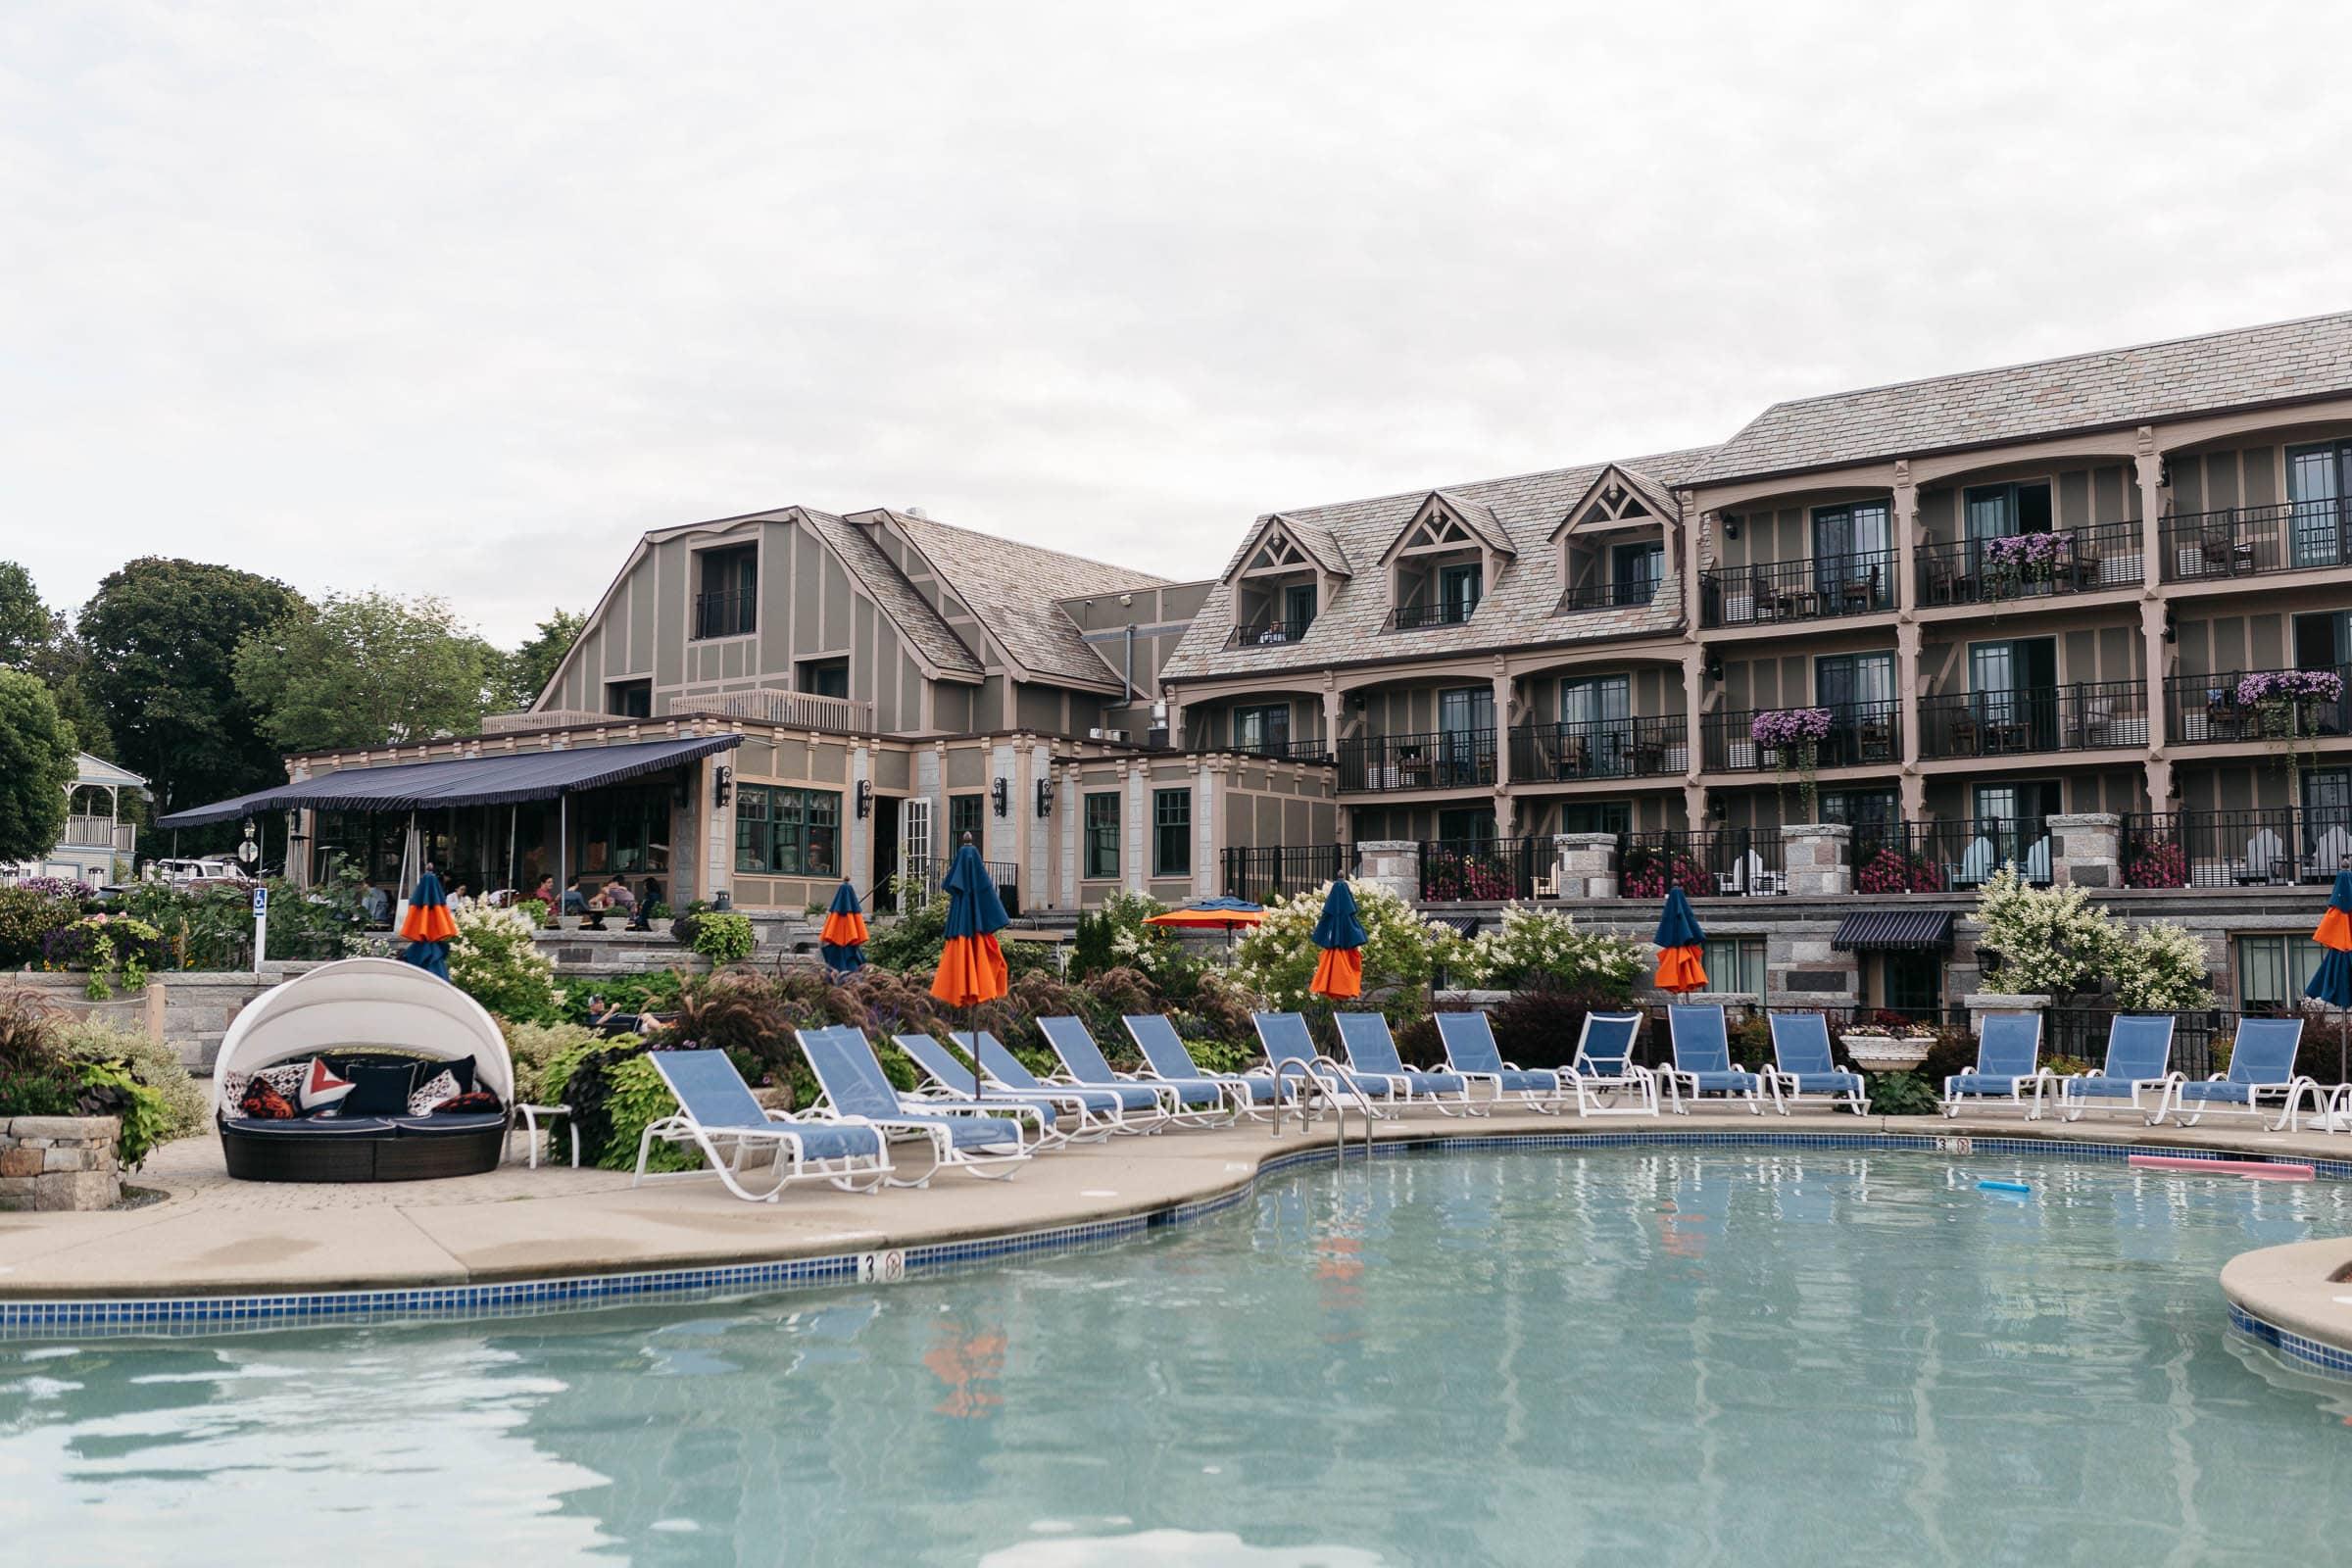 The Harborside Hotel Bar Harbor